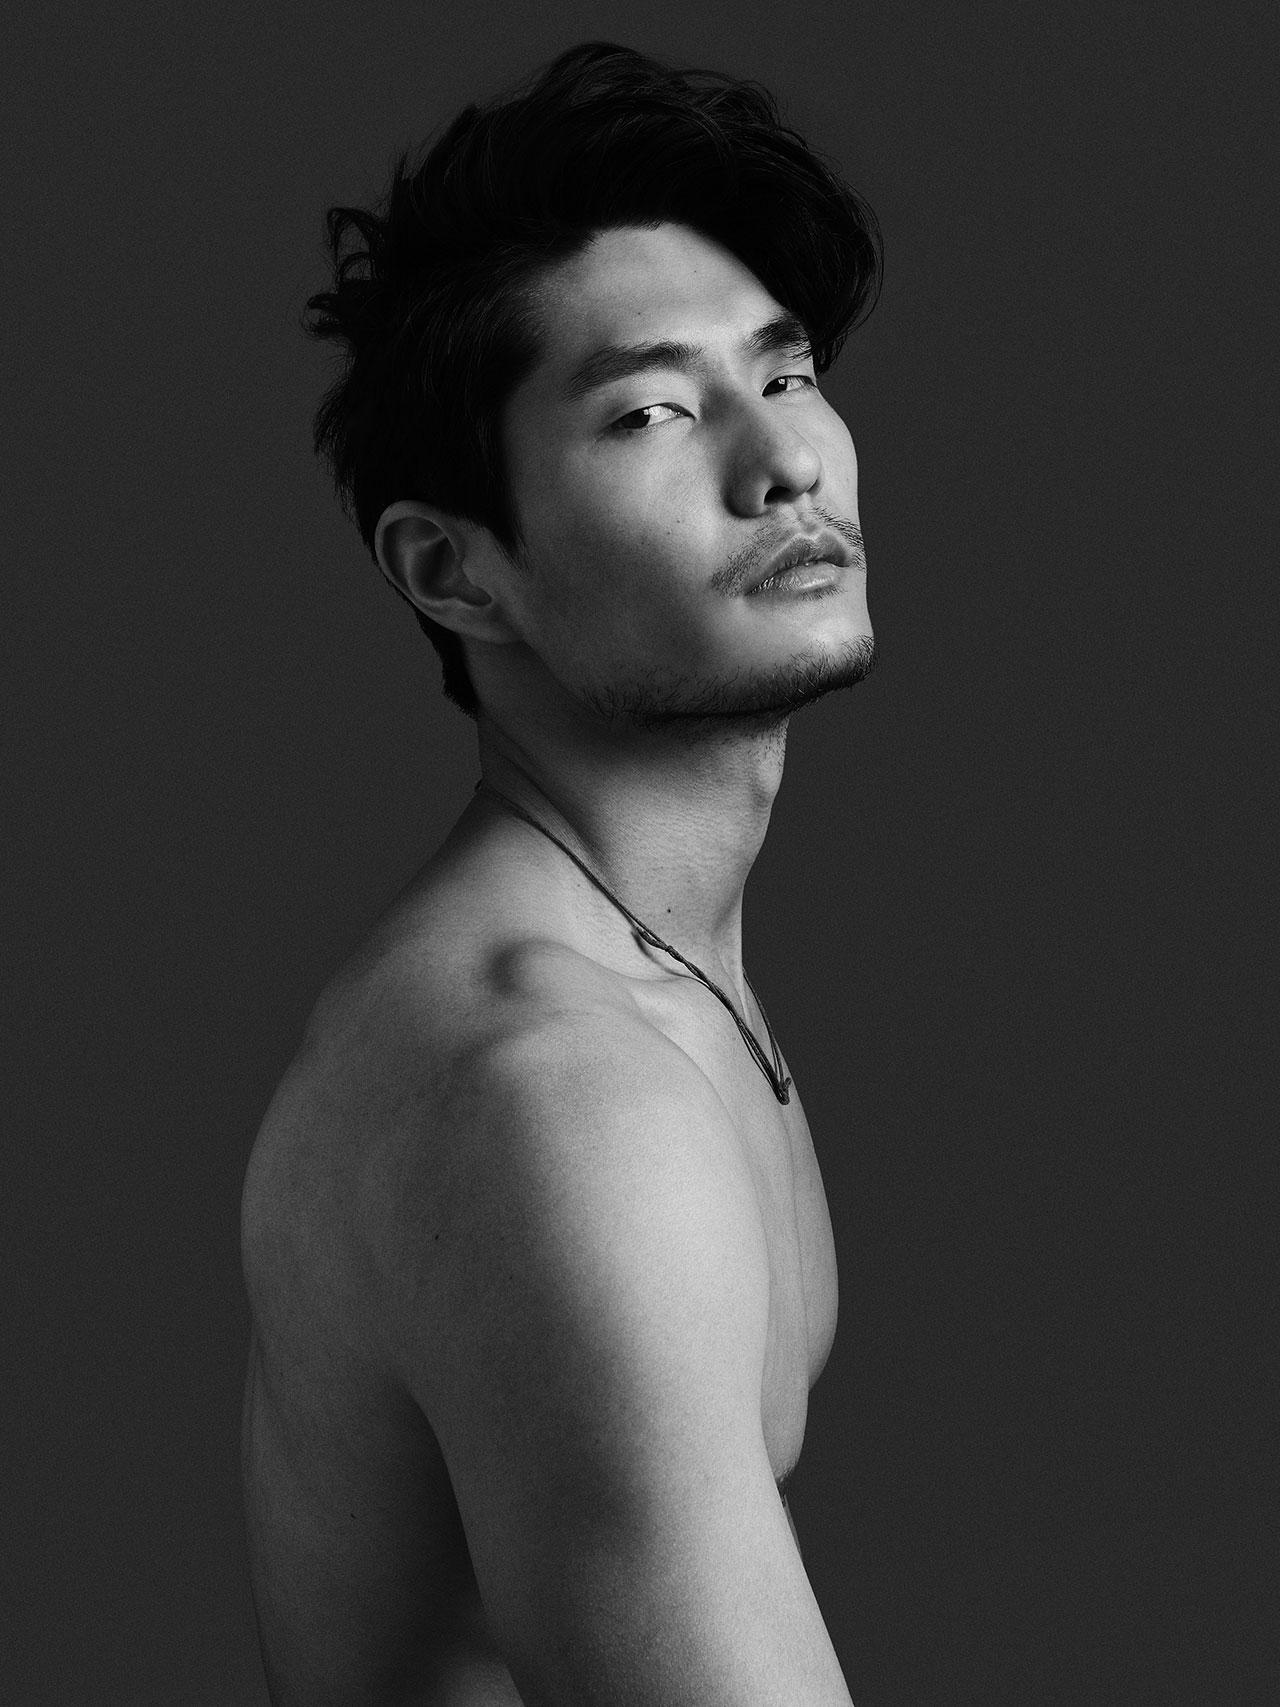 4_Daniel_Liu_by_Idris_Tony